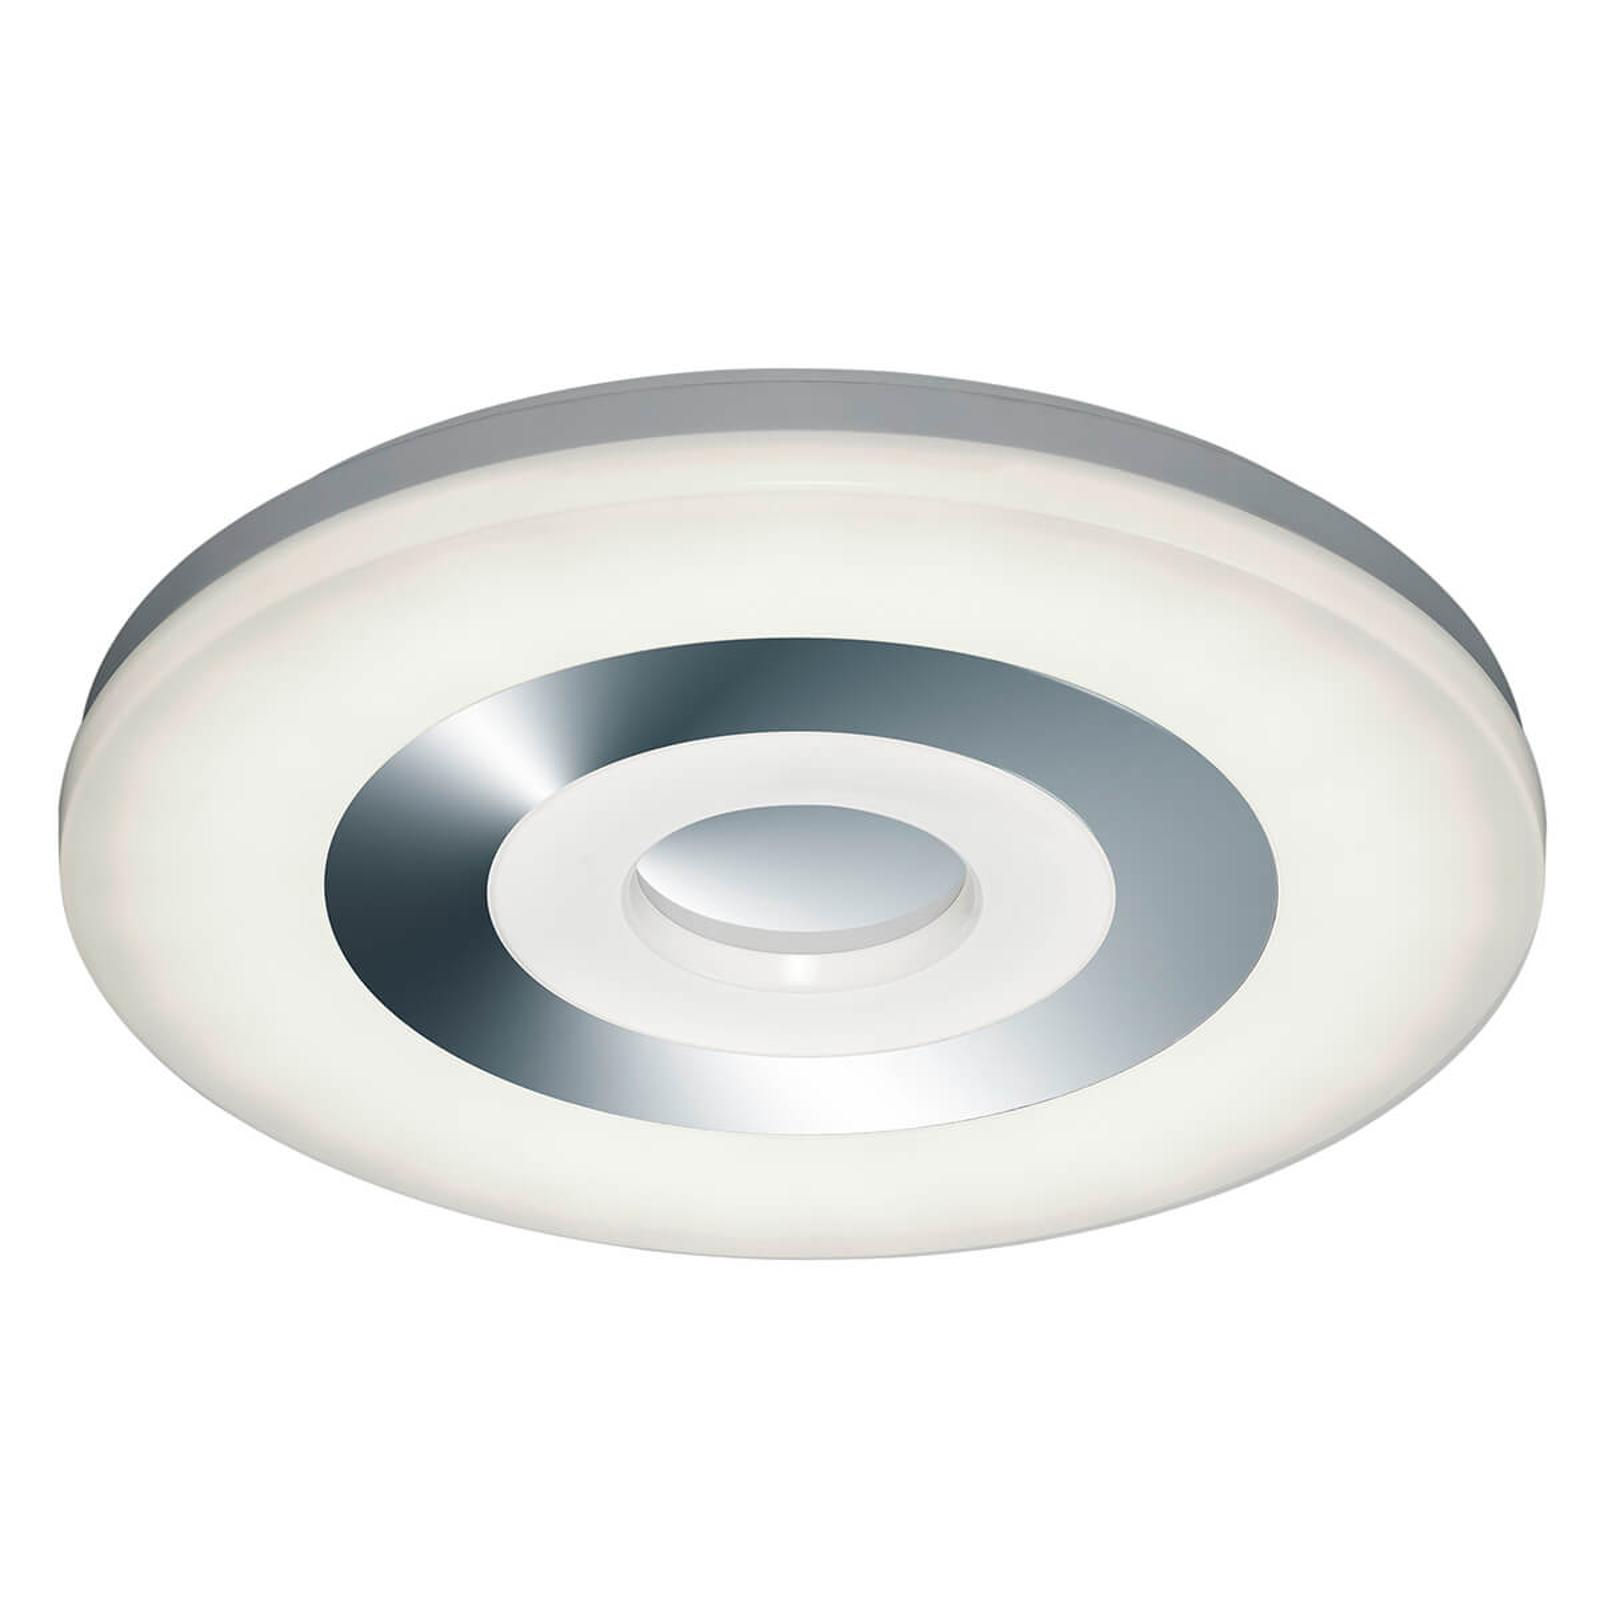 Lampa sufitowa LED Shaolin, zmiana barwy światła